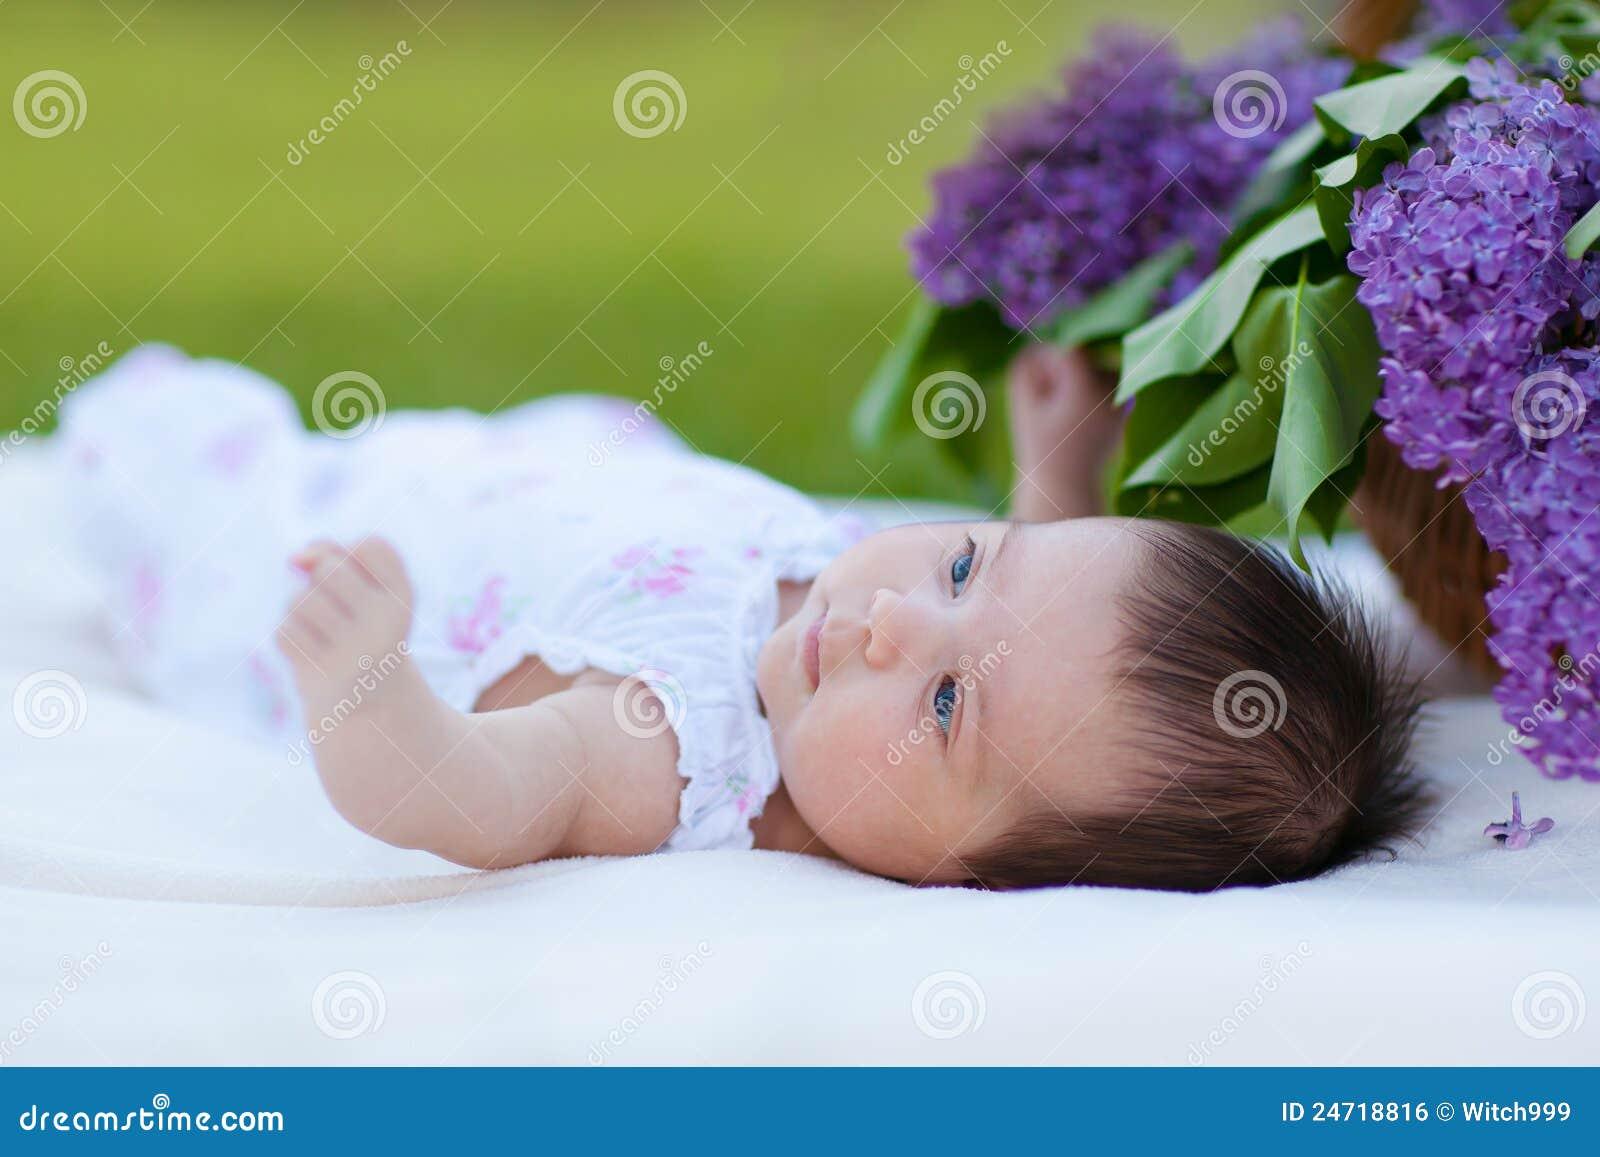 Baby Mit Lila Blumenstrauß Im Korb Stockfoto - Bild von träumen ...